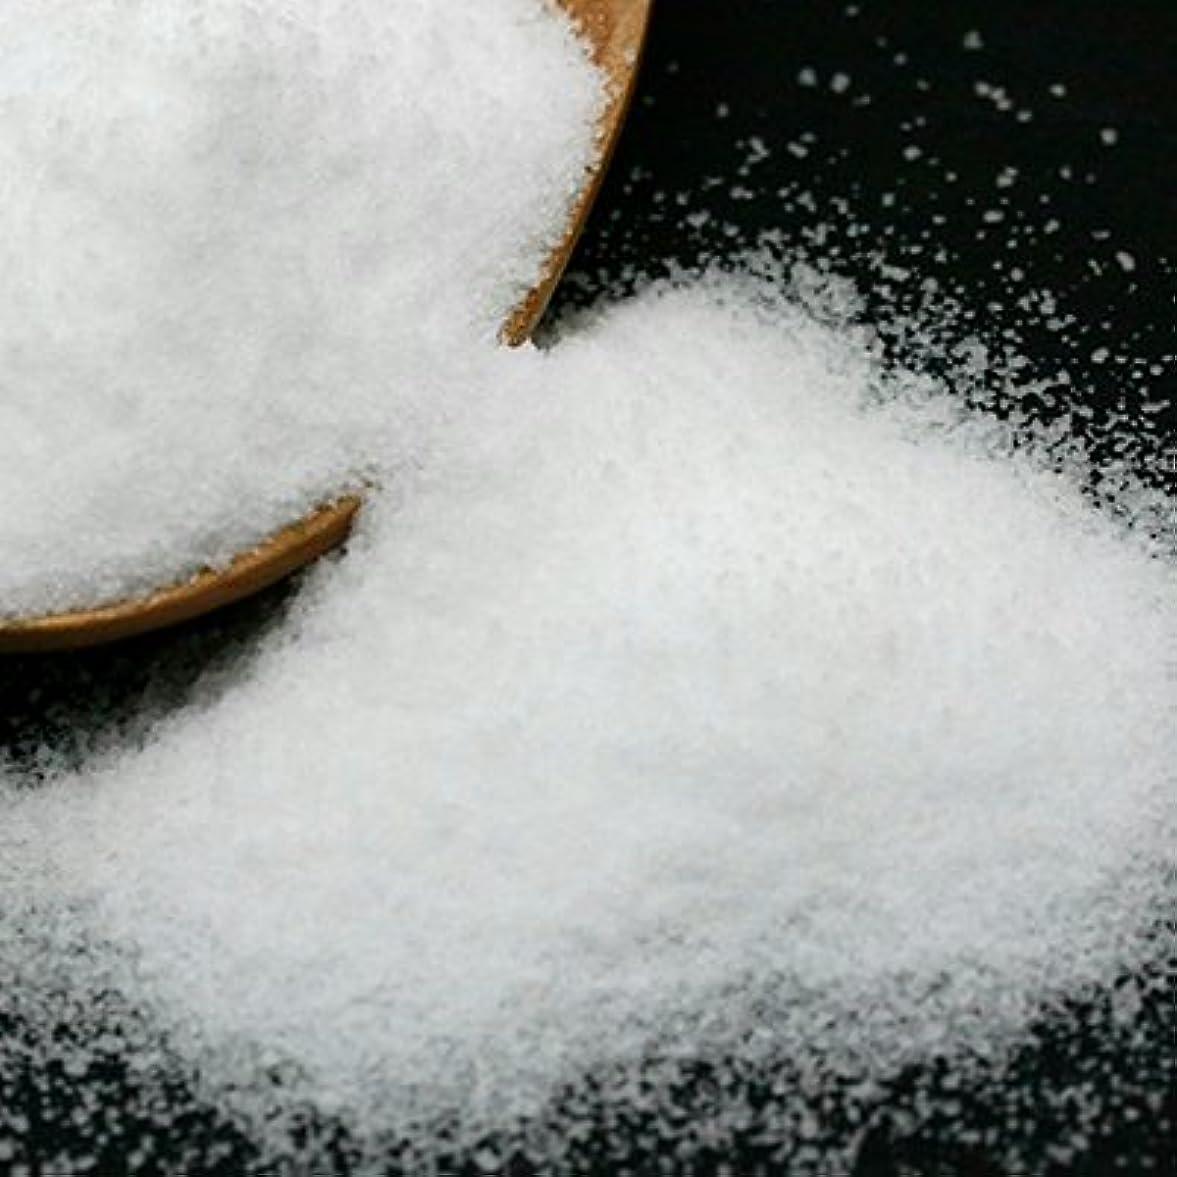 ポーズ規模バーマドベタイン 500g [オーガニック]【無水ベタイン/保湿剤/手作りコスメ】